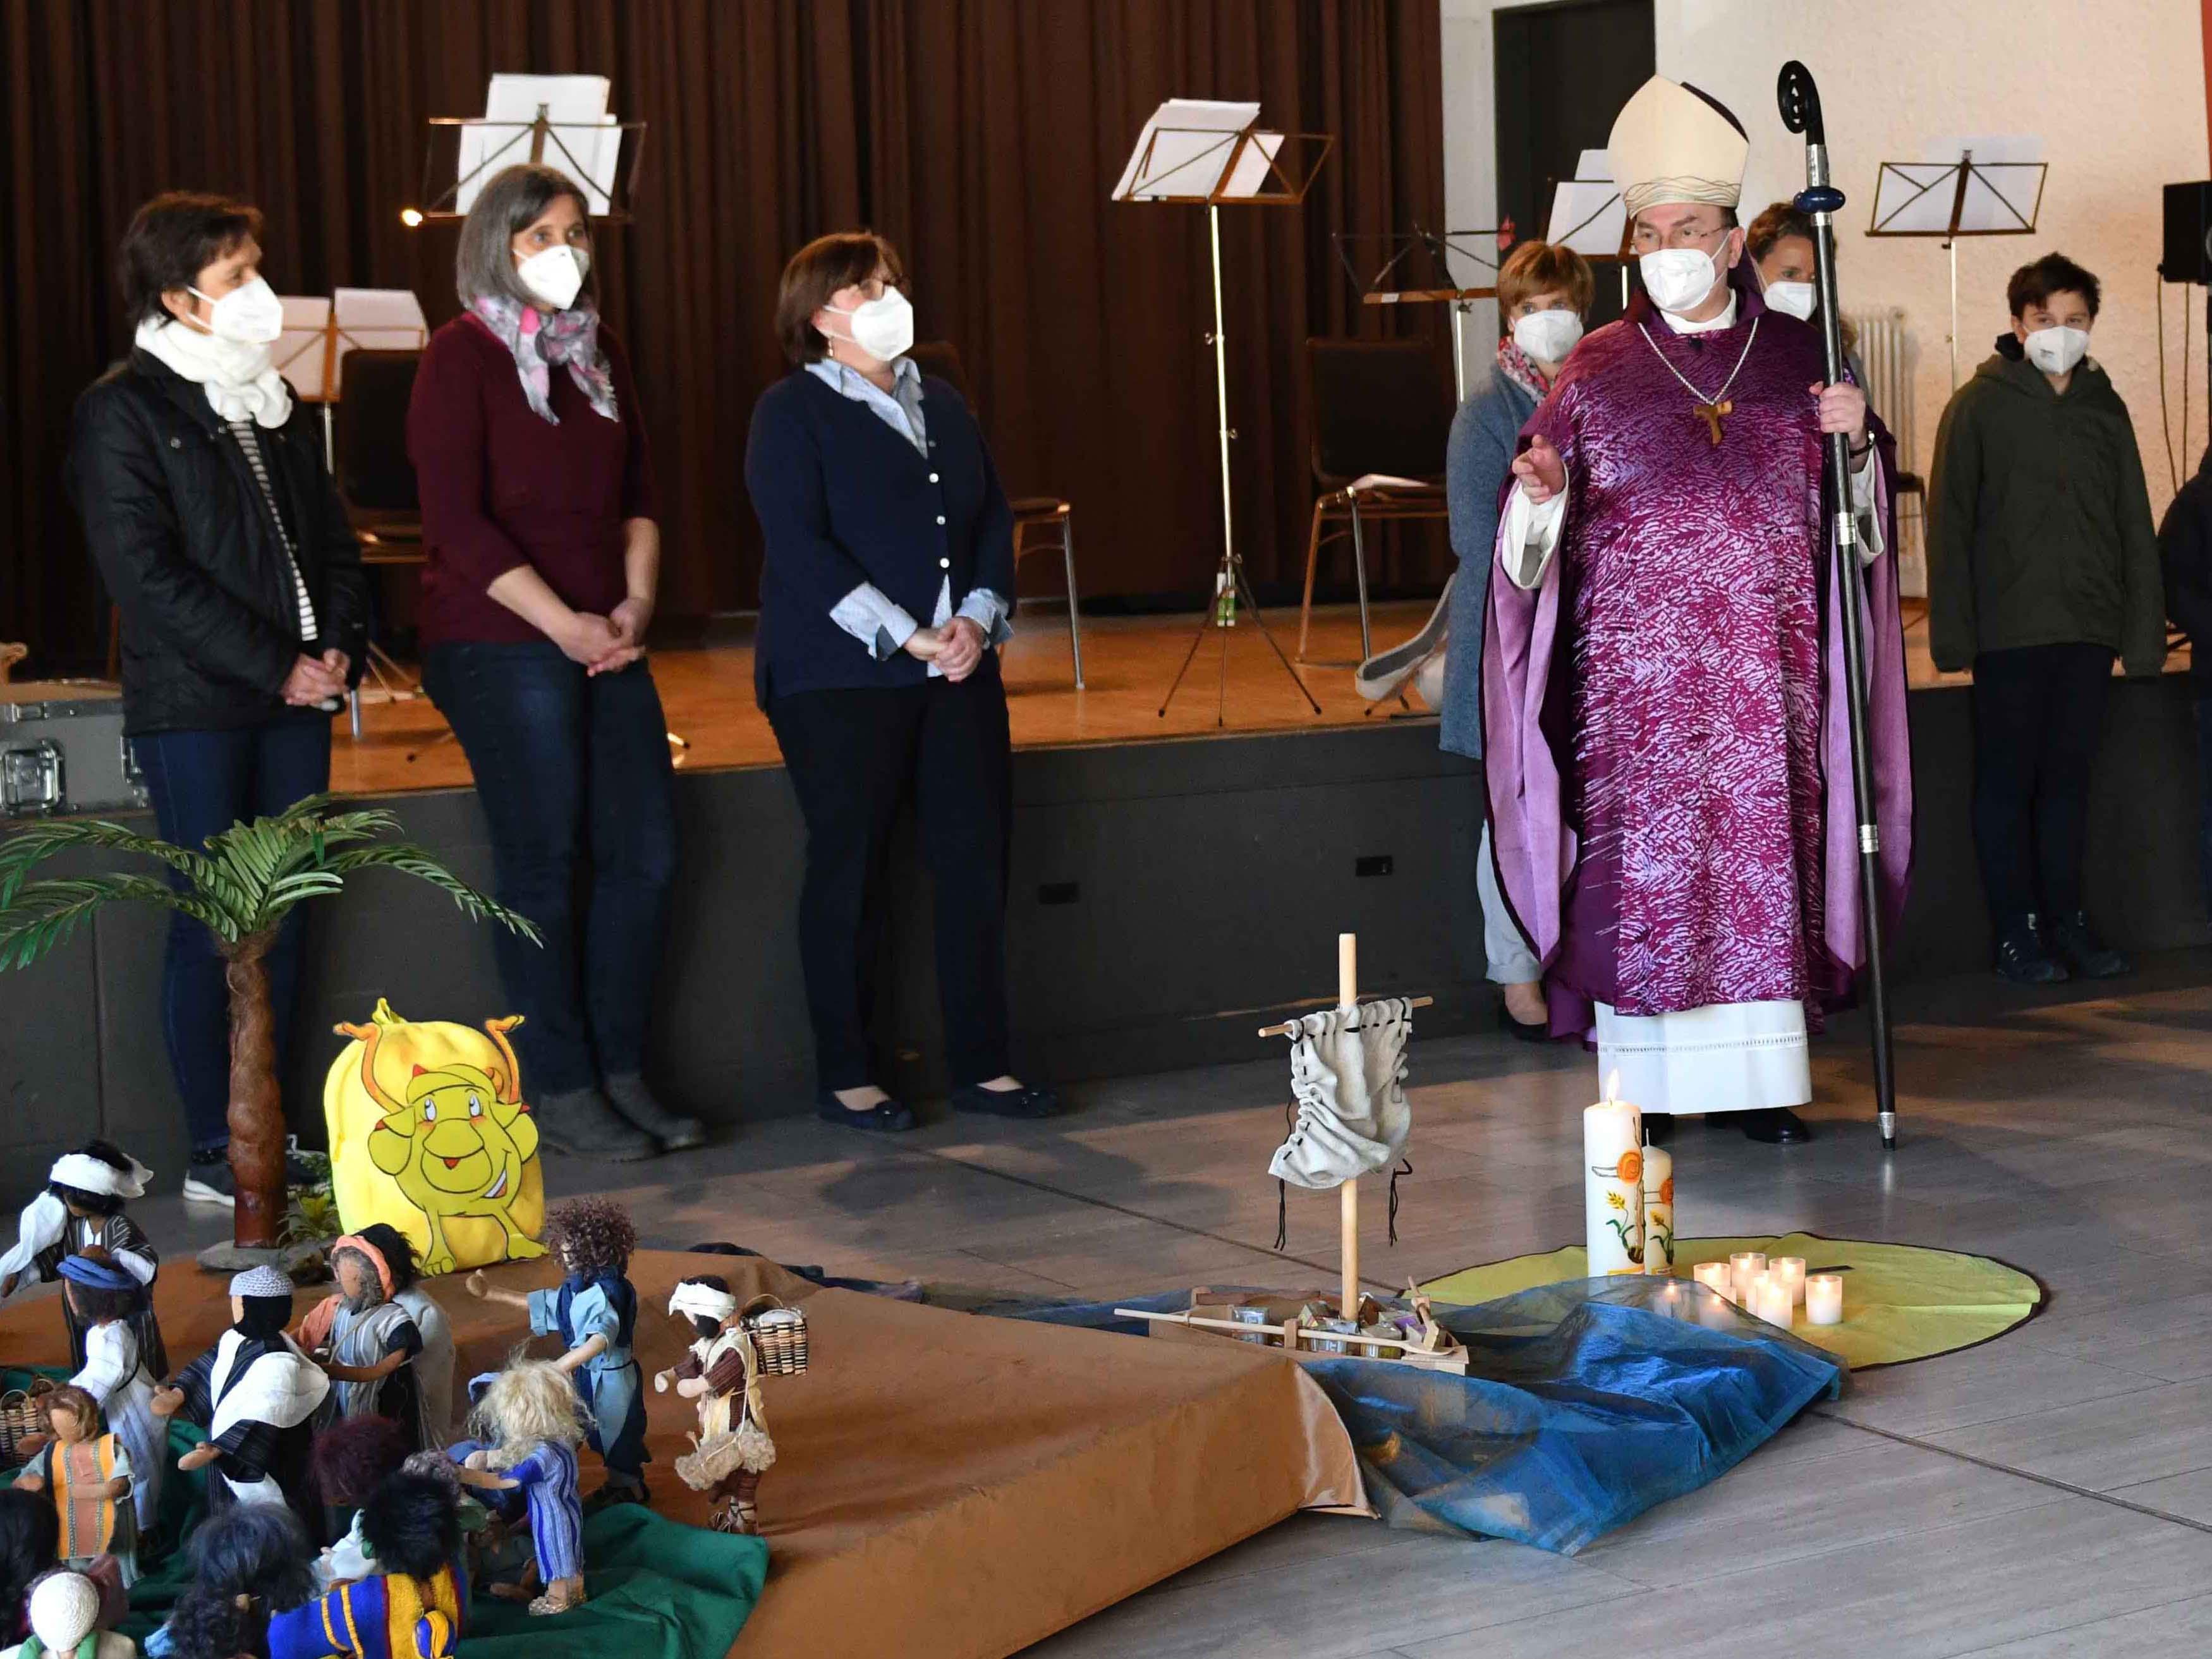 Ein Kindergottesdienst wurde parallel im Pfarrzentrum gefeiert. Dort spendete Bischof Bertram im Anschluss den Segen (Foto: Maria Steber / pba).